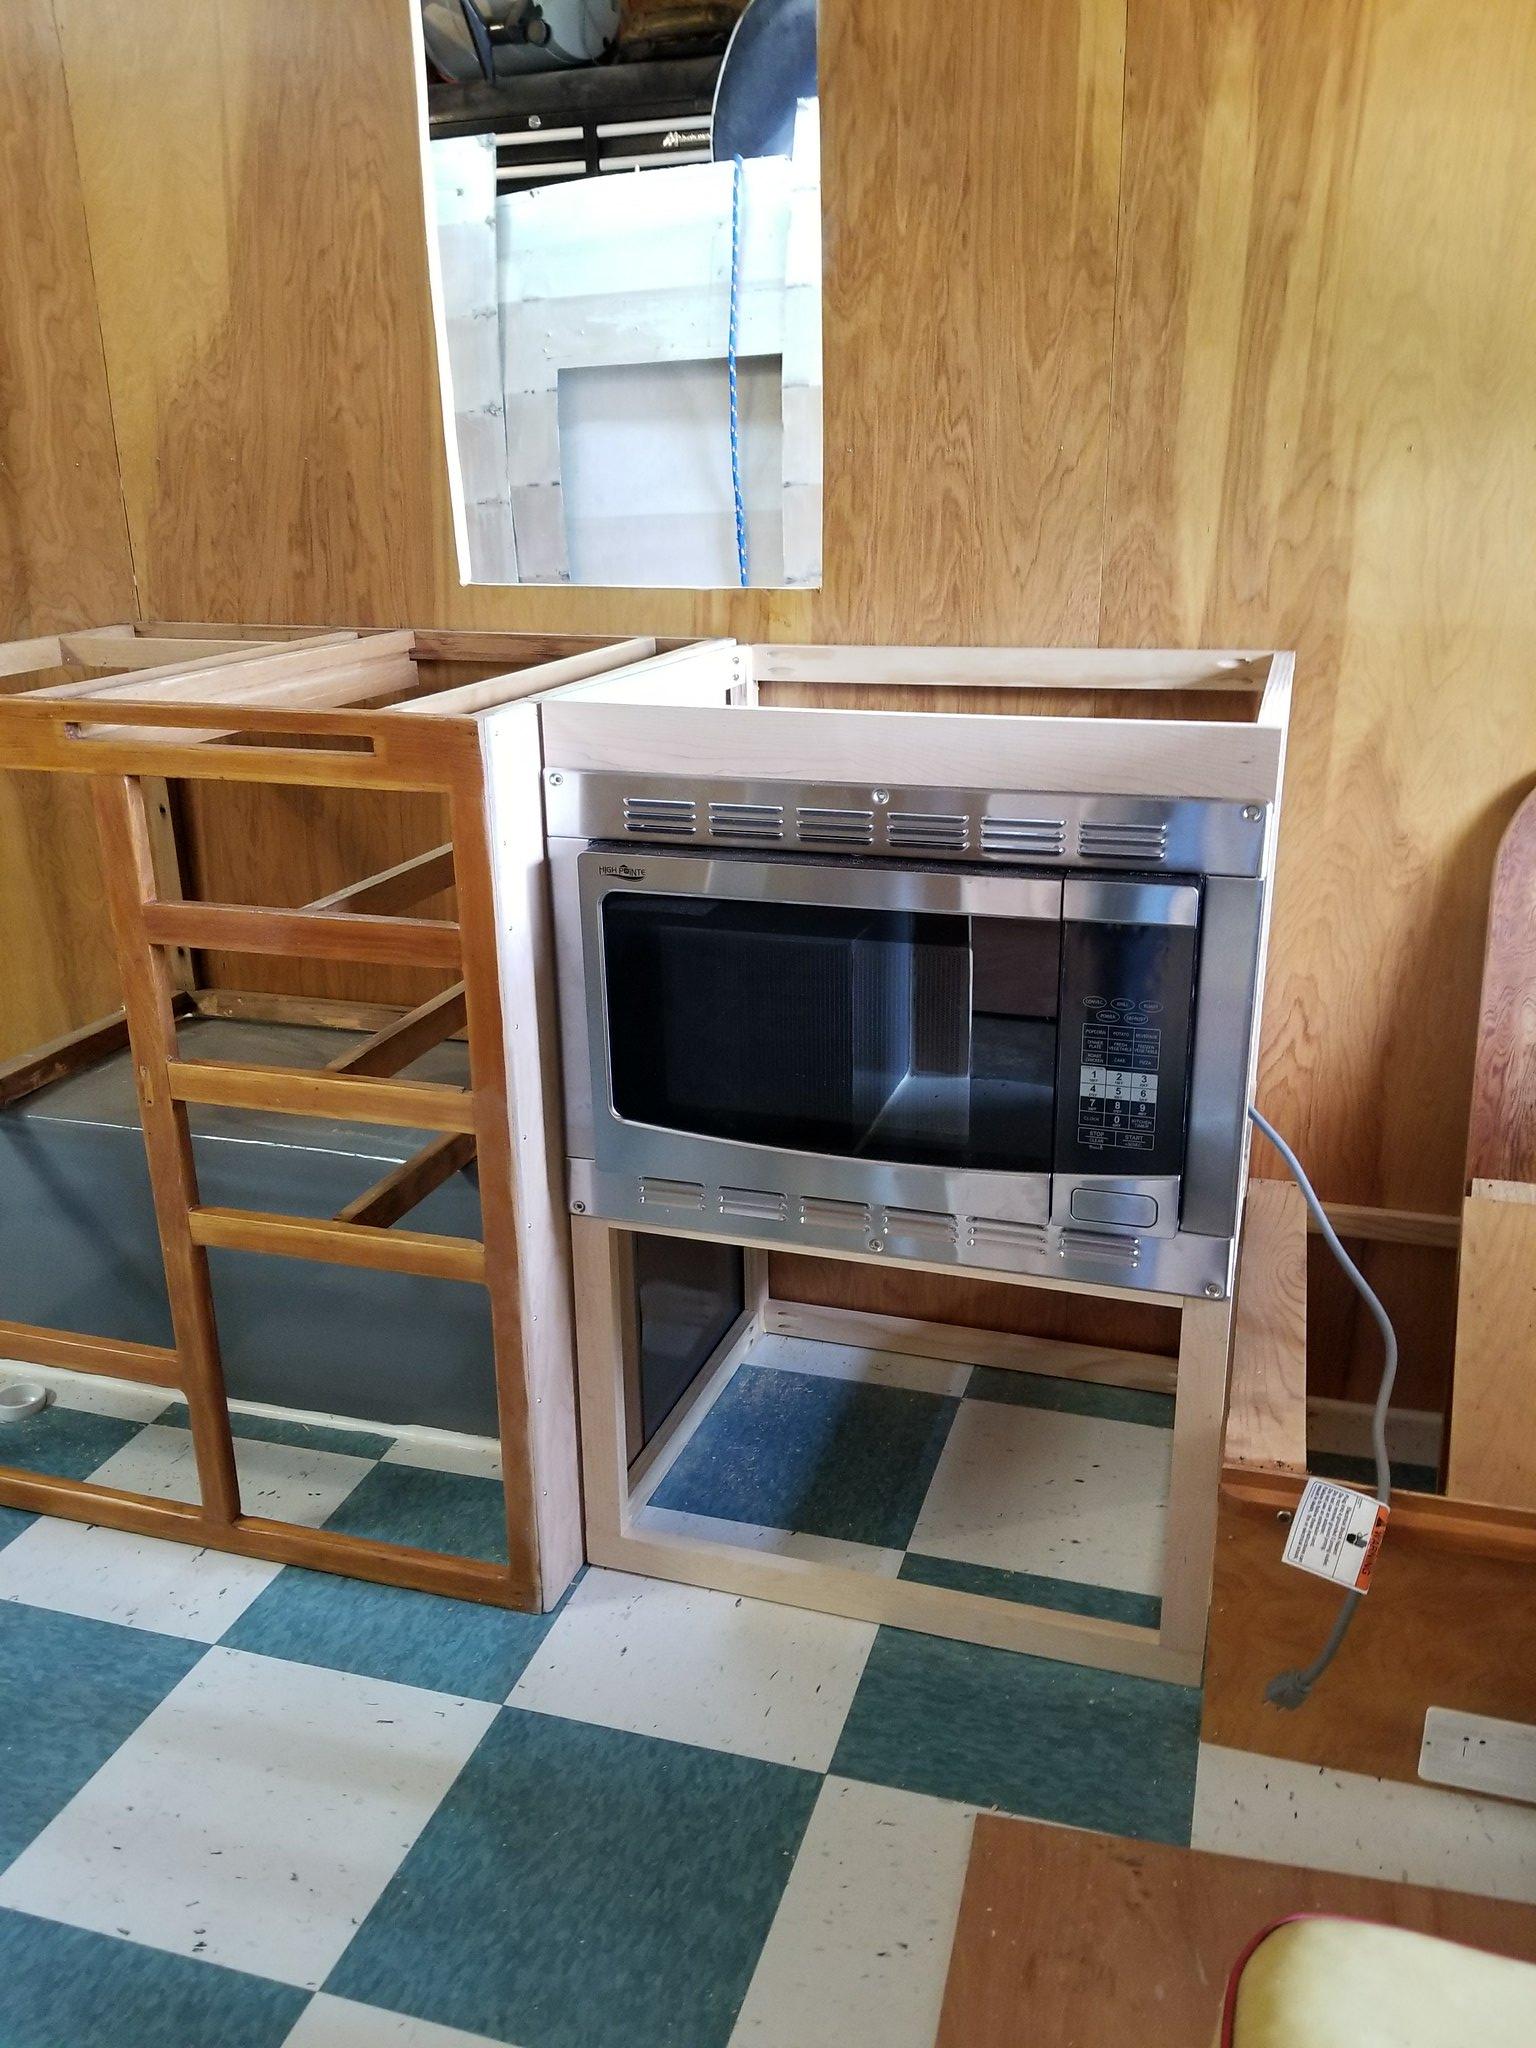 54-55 Shasta camper frame off restoration the rebuild begins